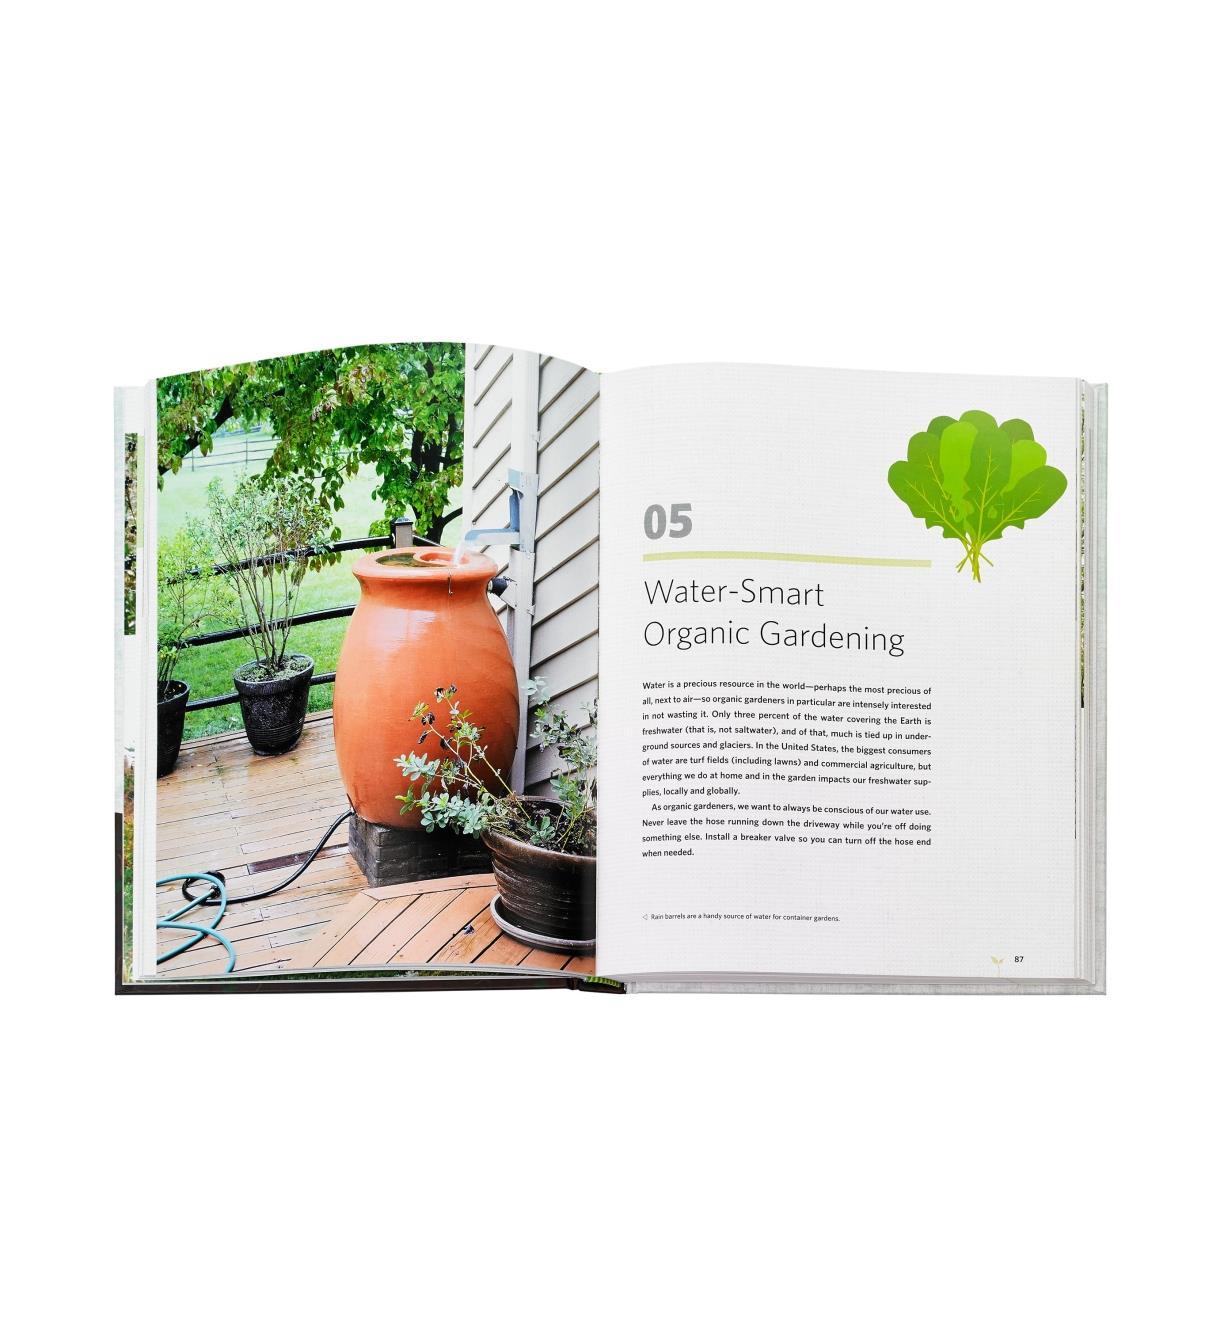 LA774 - Practical Organic Gardening